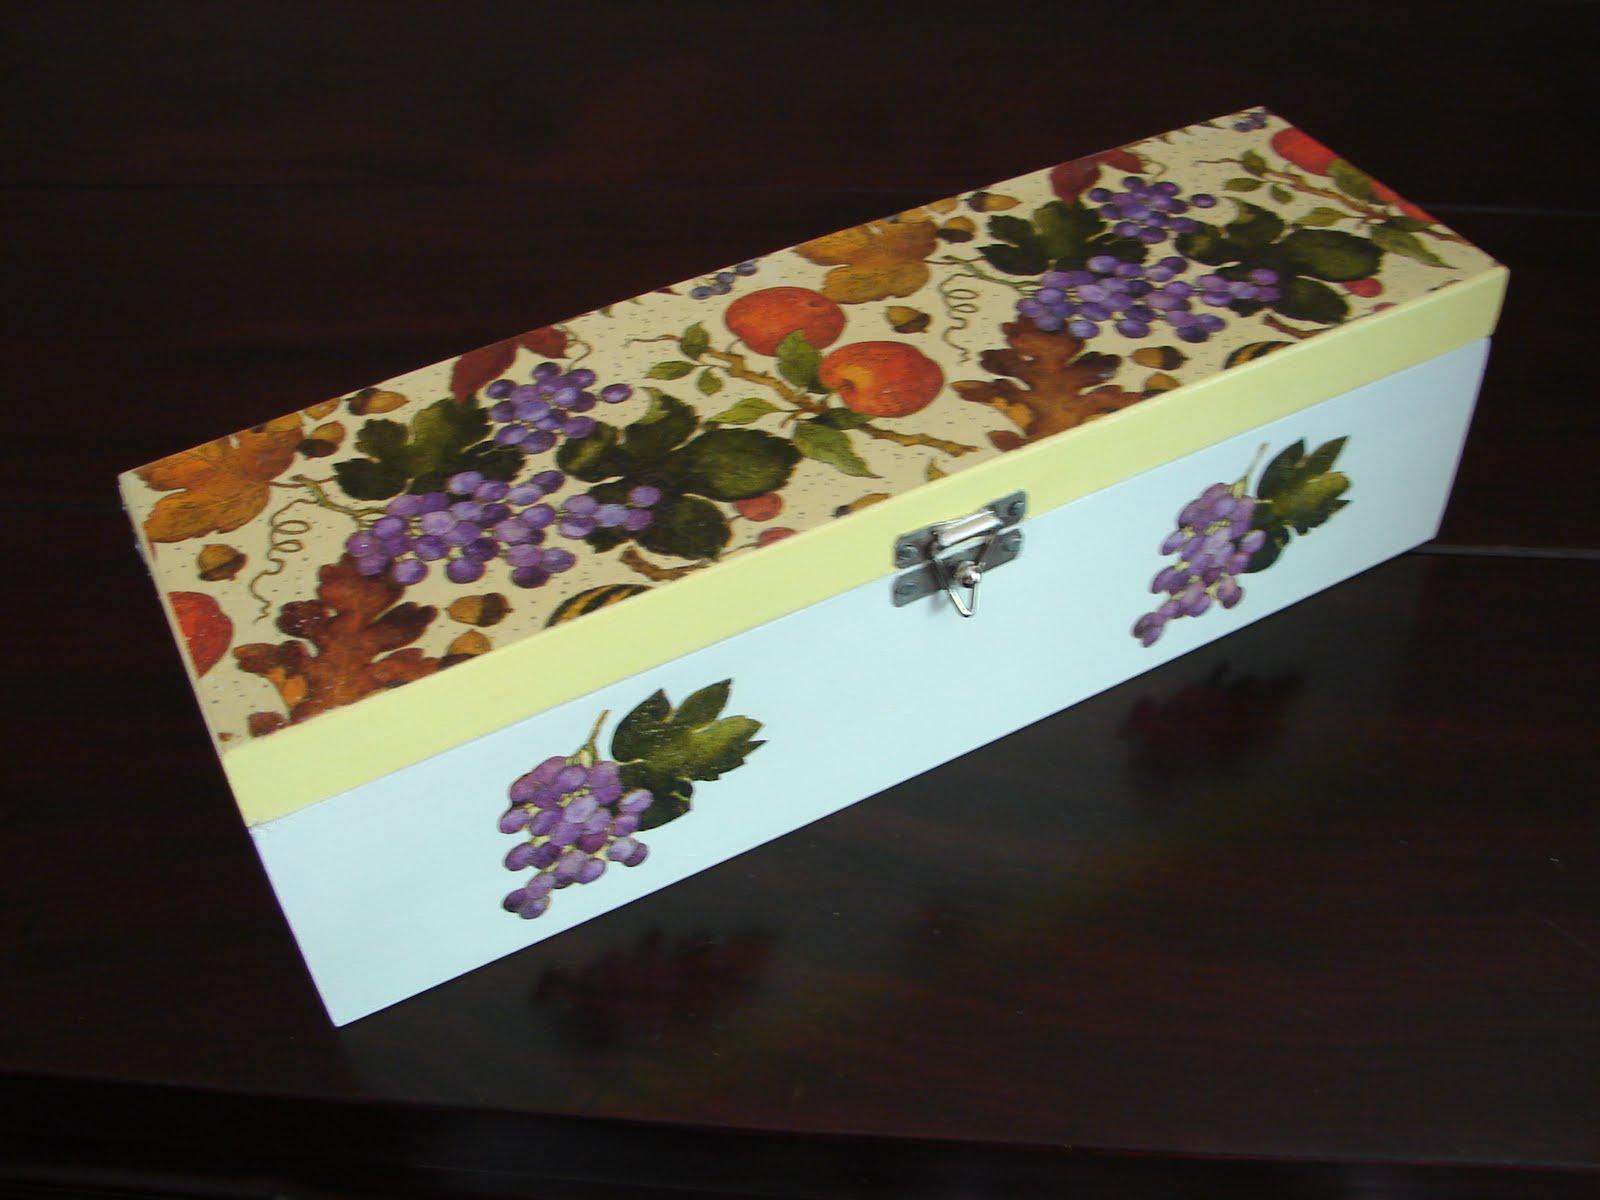 Bell'Arte Arte em madeira e tecido: Caixa para vinho #764026 1600x1200